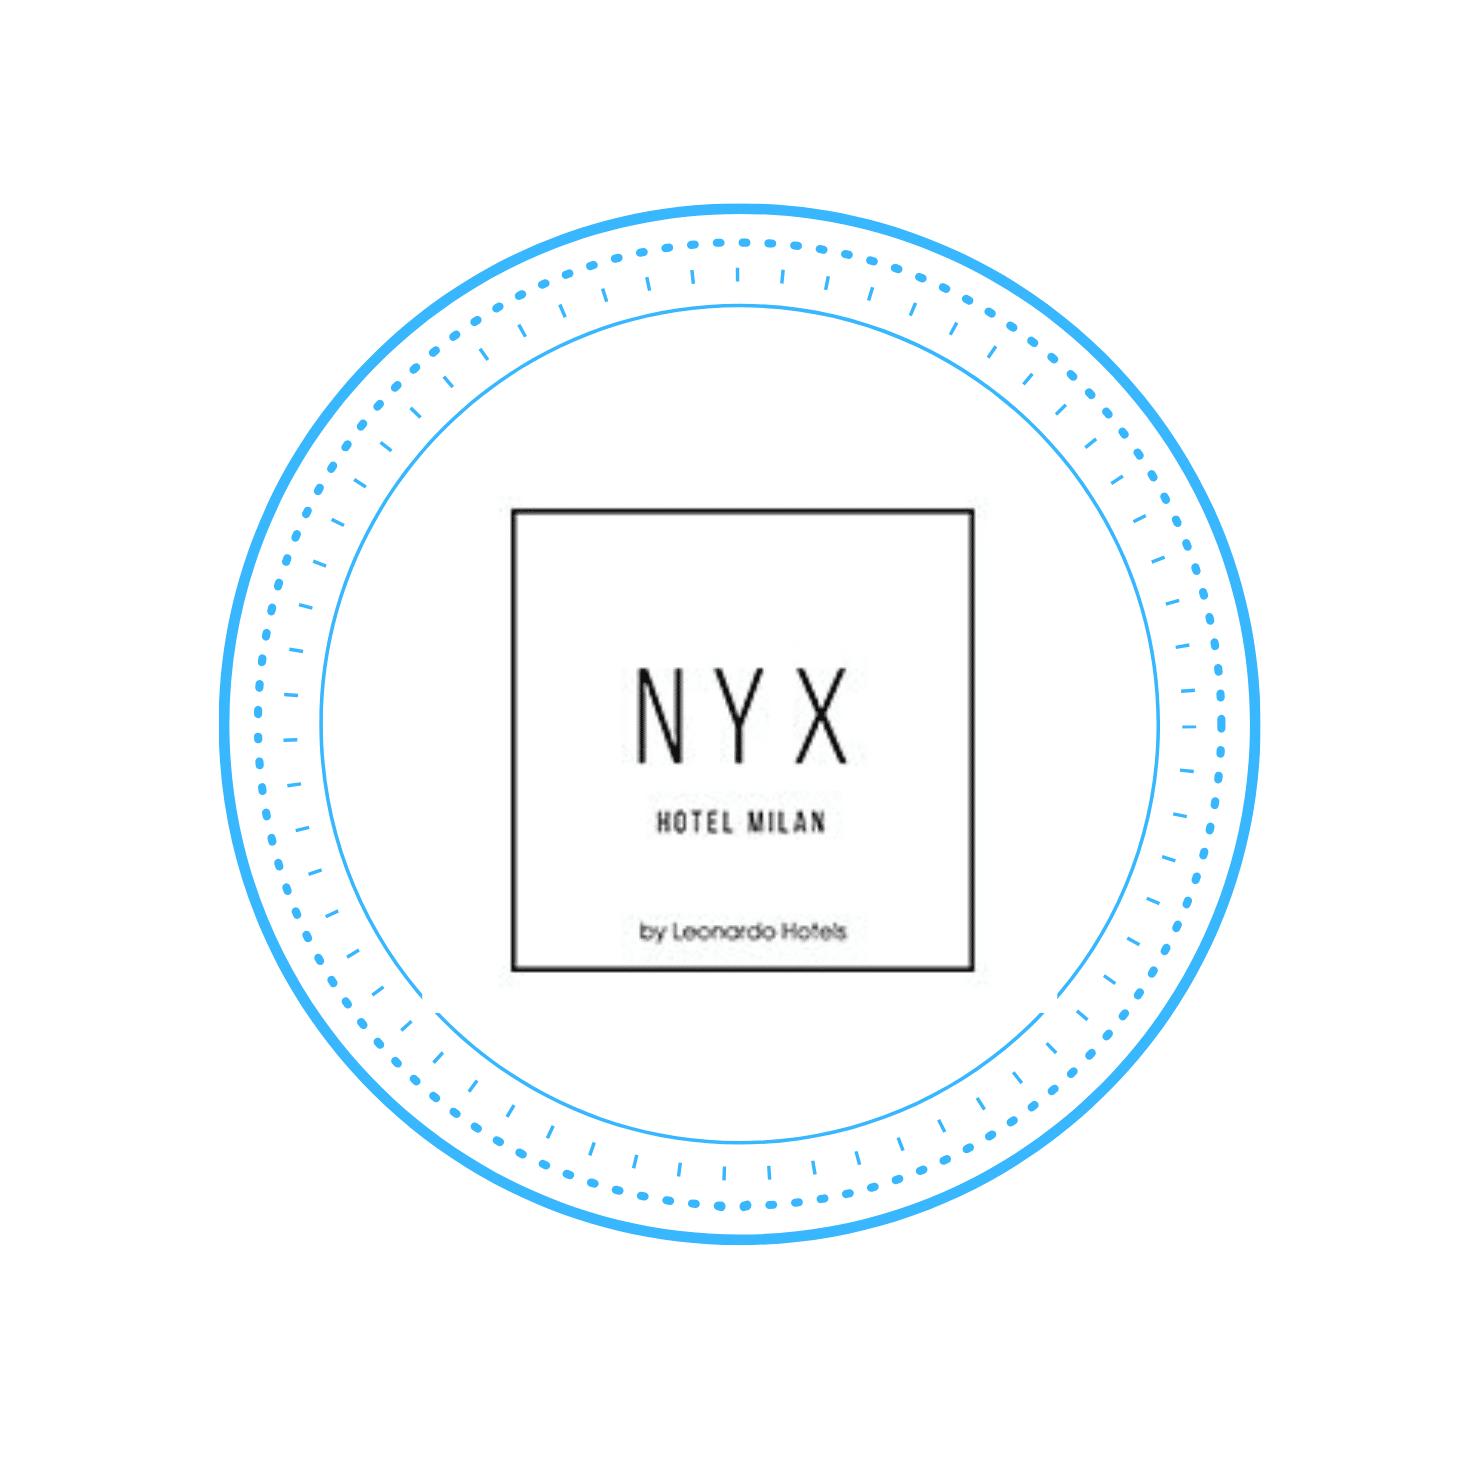 Nyx Milano Hotel